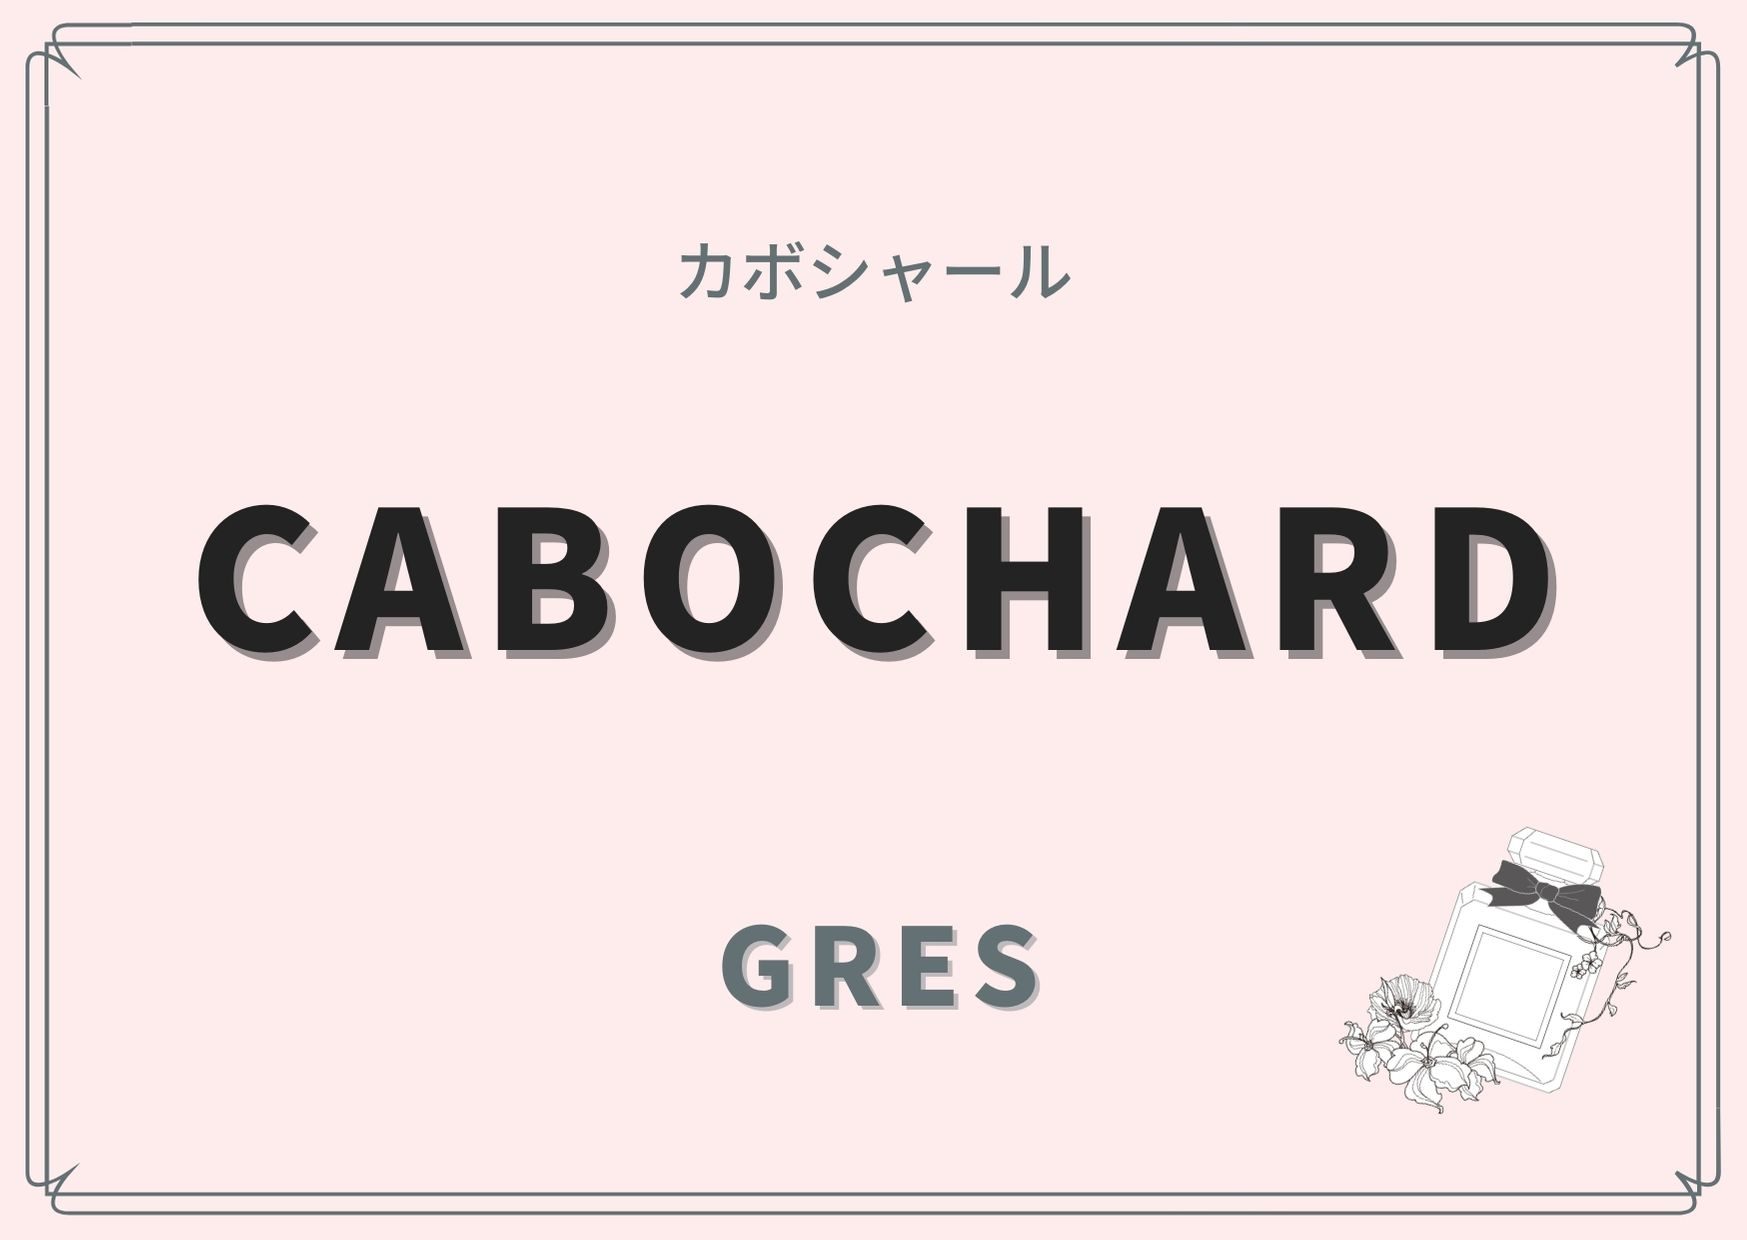 CABOCHARD(カボシャール)/GRES(グレ)